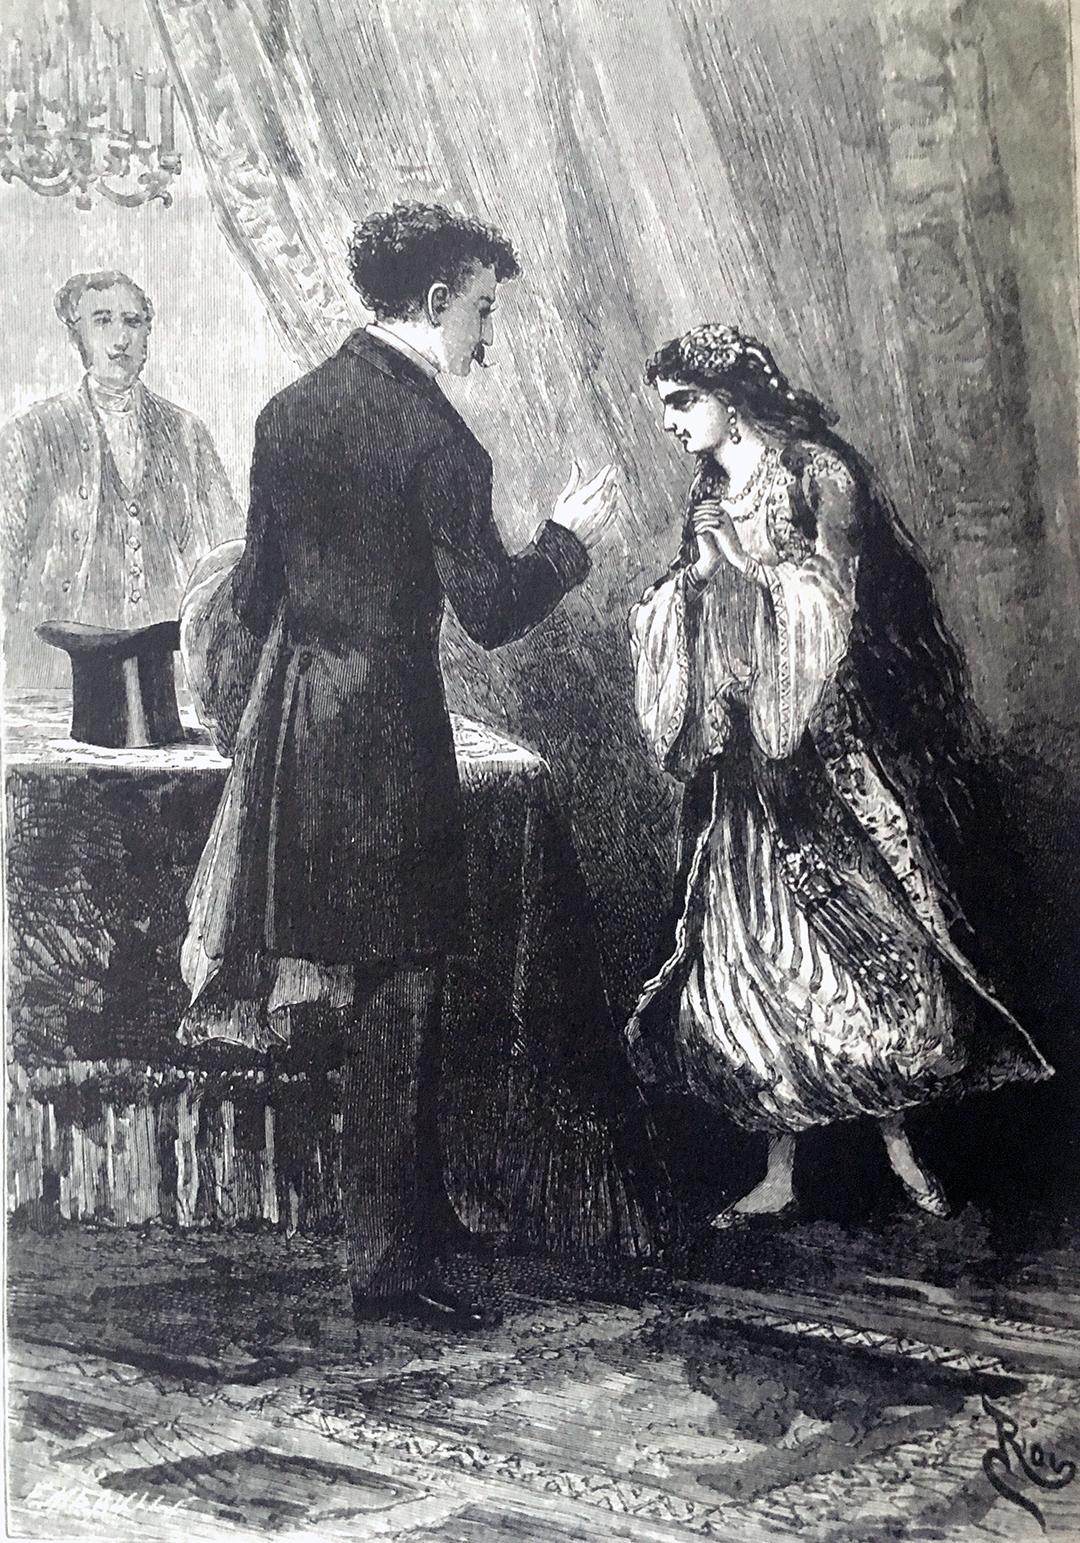 Haydée et le comte à Paris. Gravures publiées dans la première édition du roman d'Alexandre Dumas Le Comte de Monte Cristo (1846).